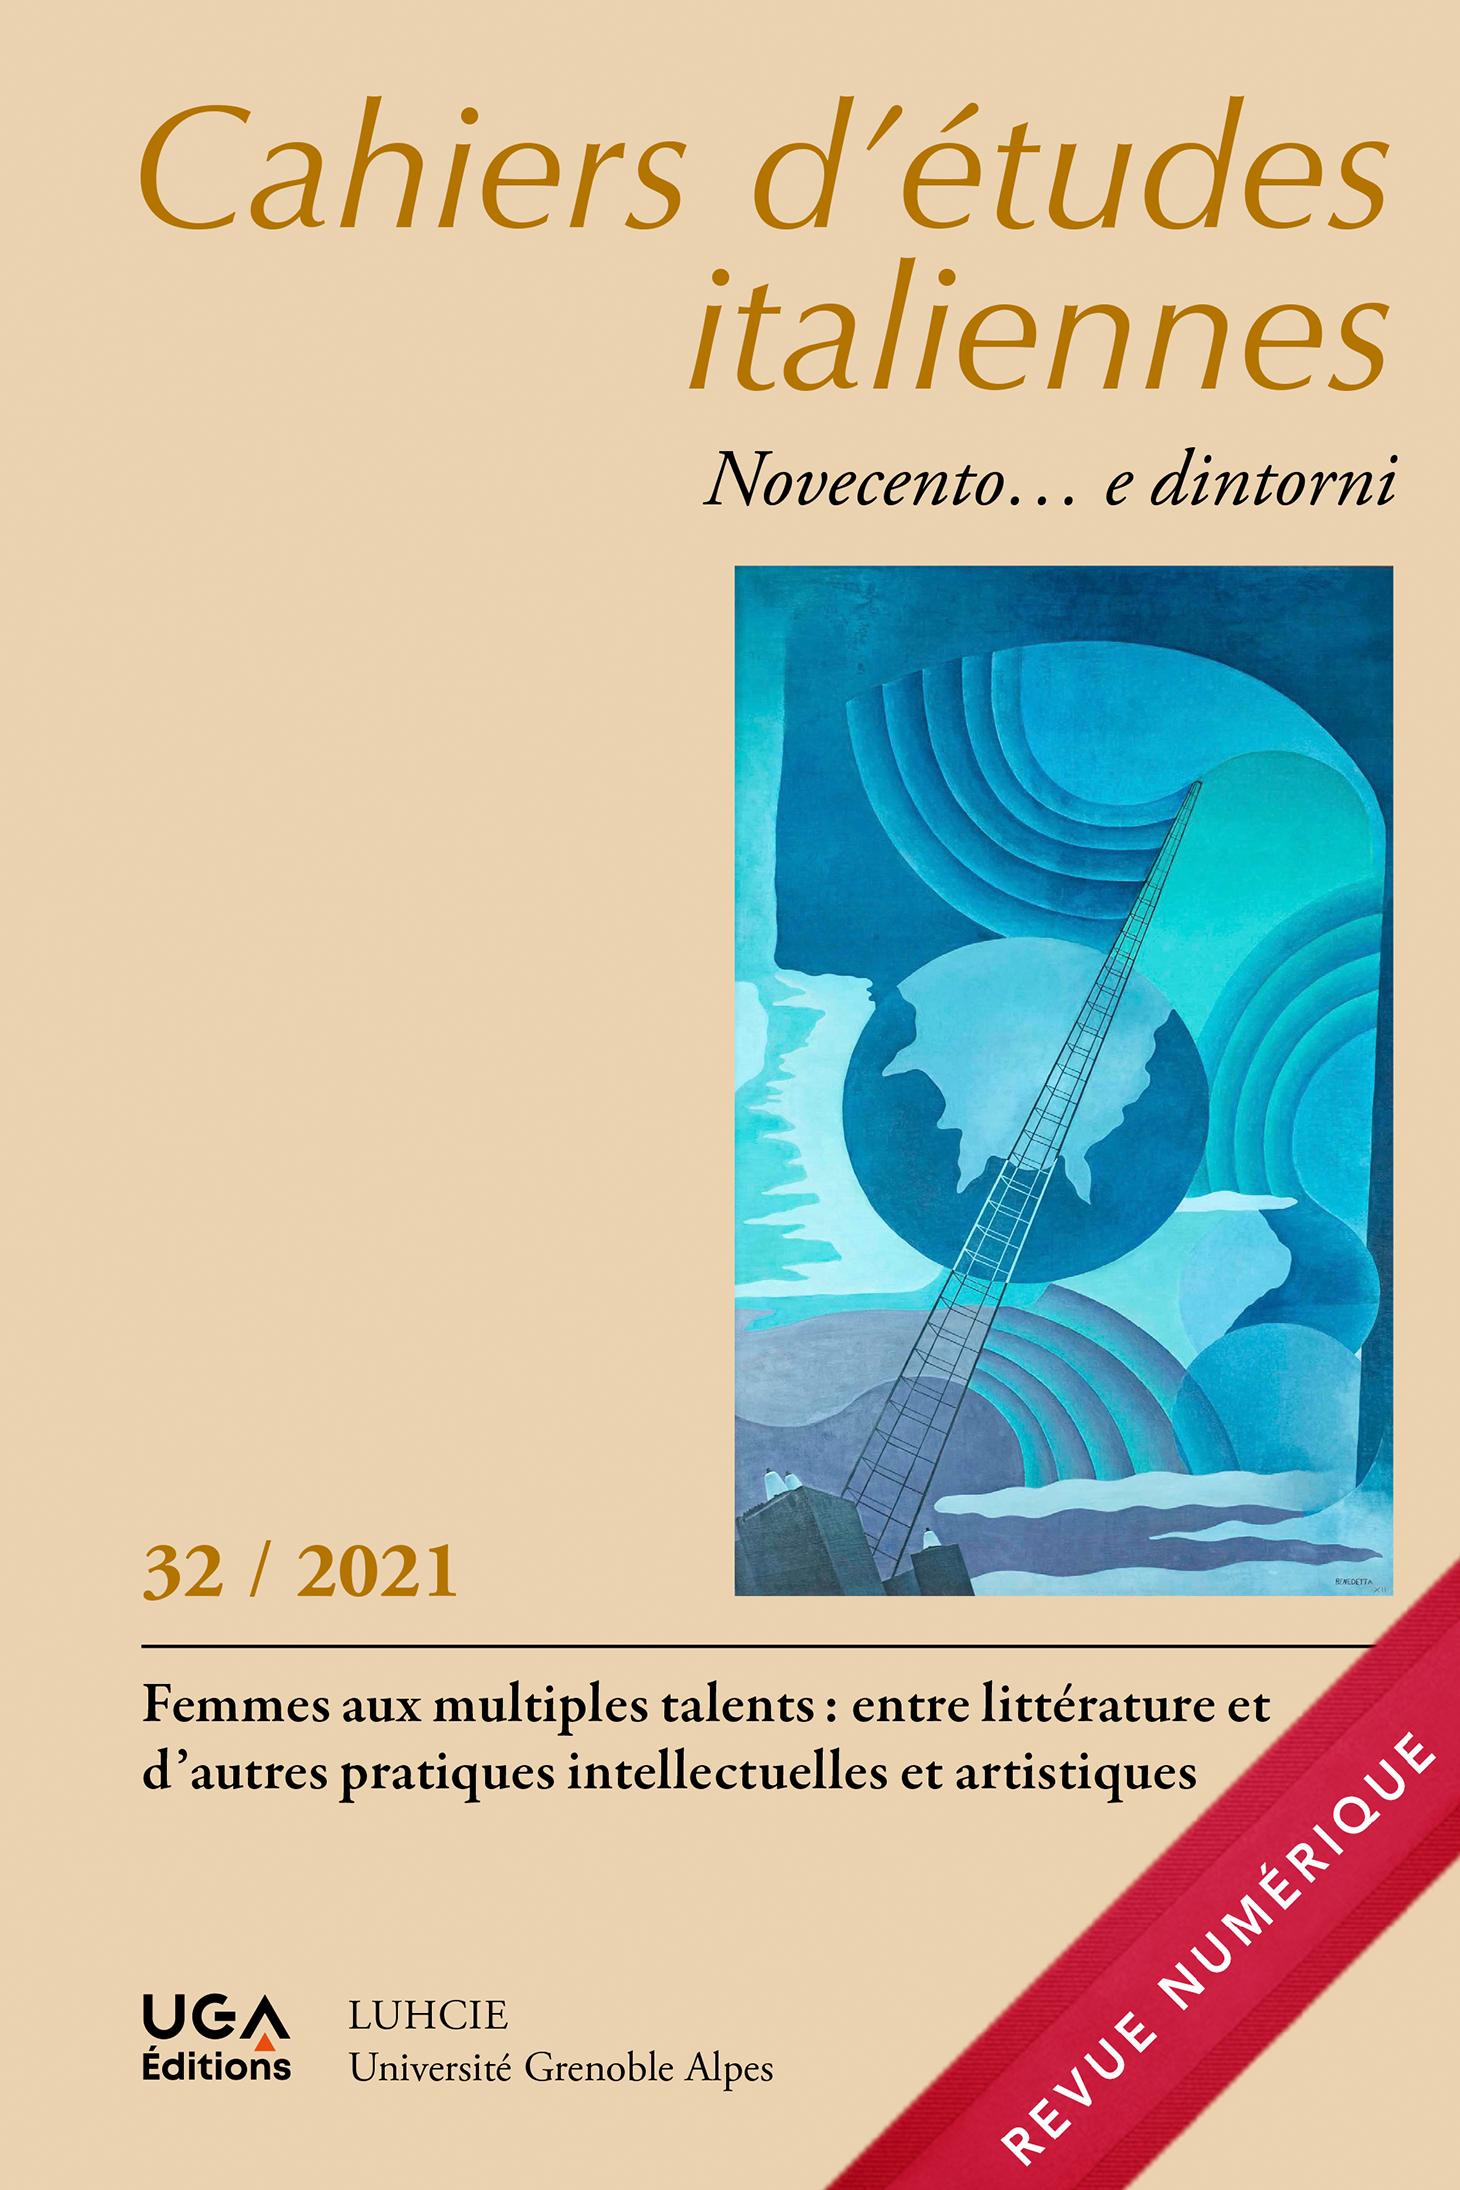 Cahiers d'études italiennes, numéro 32